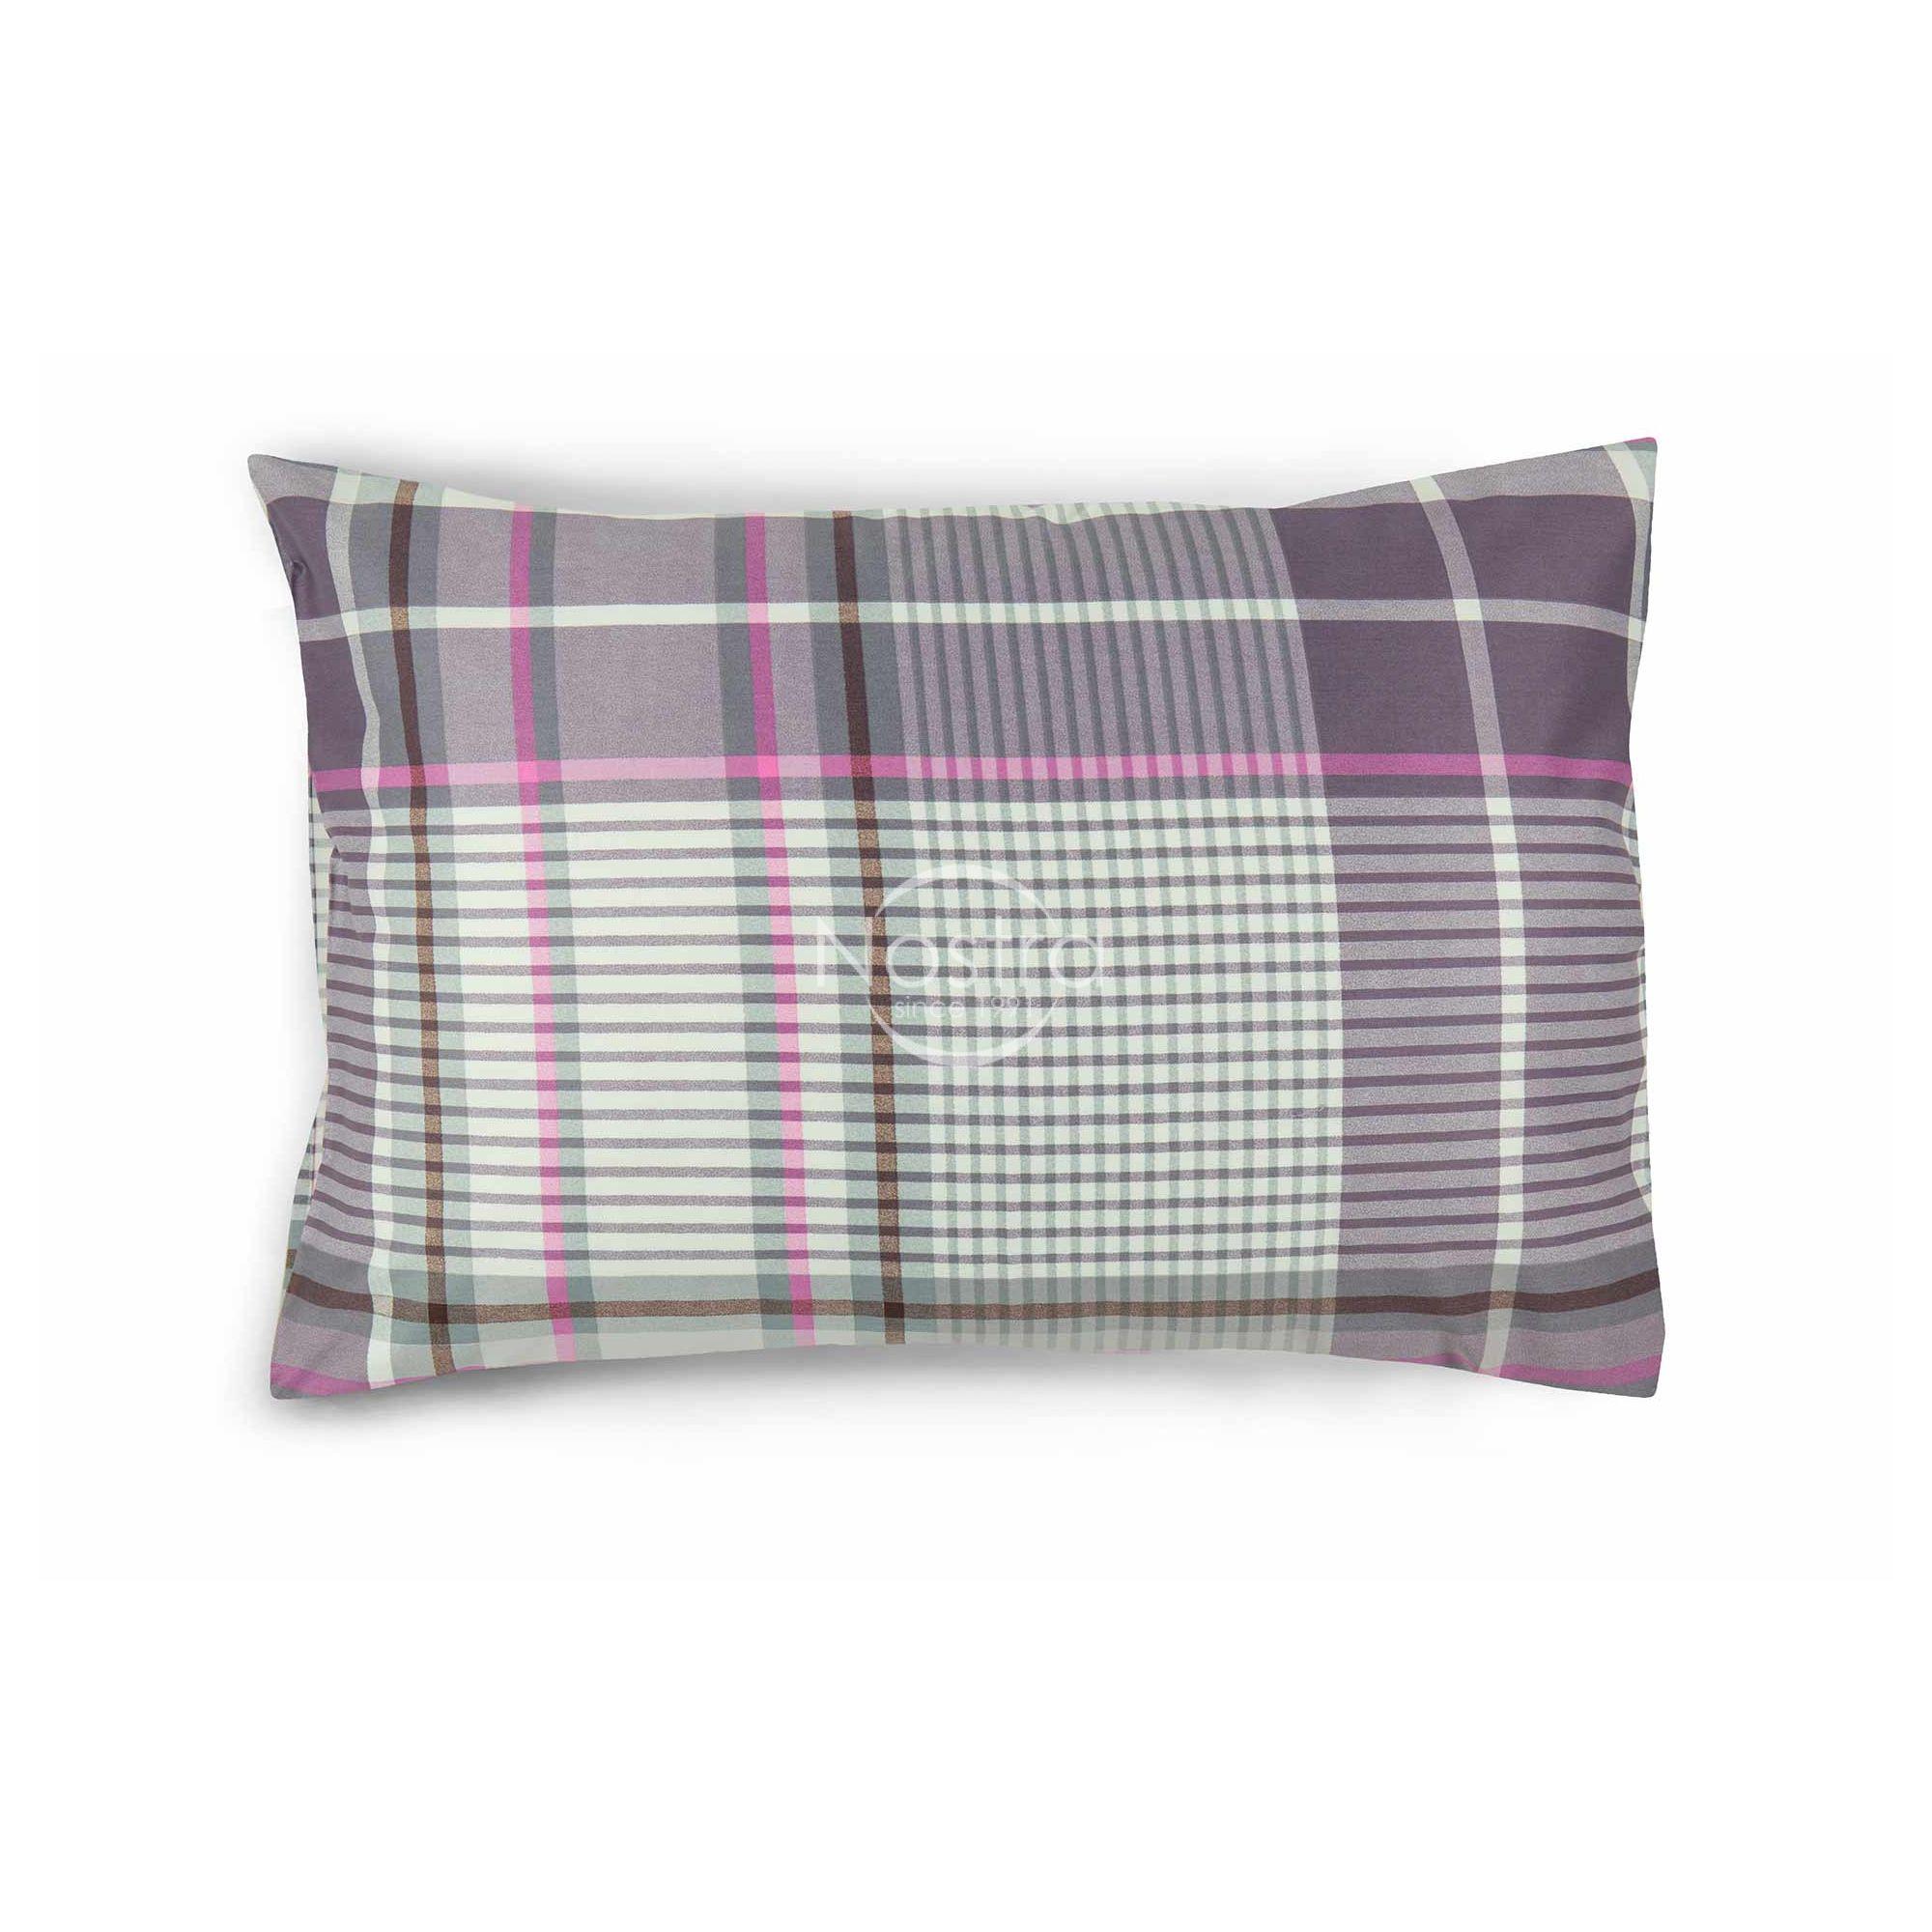 Satino pagalvės užvalkalas 30-0431-PINK 50x70 cm